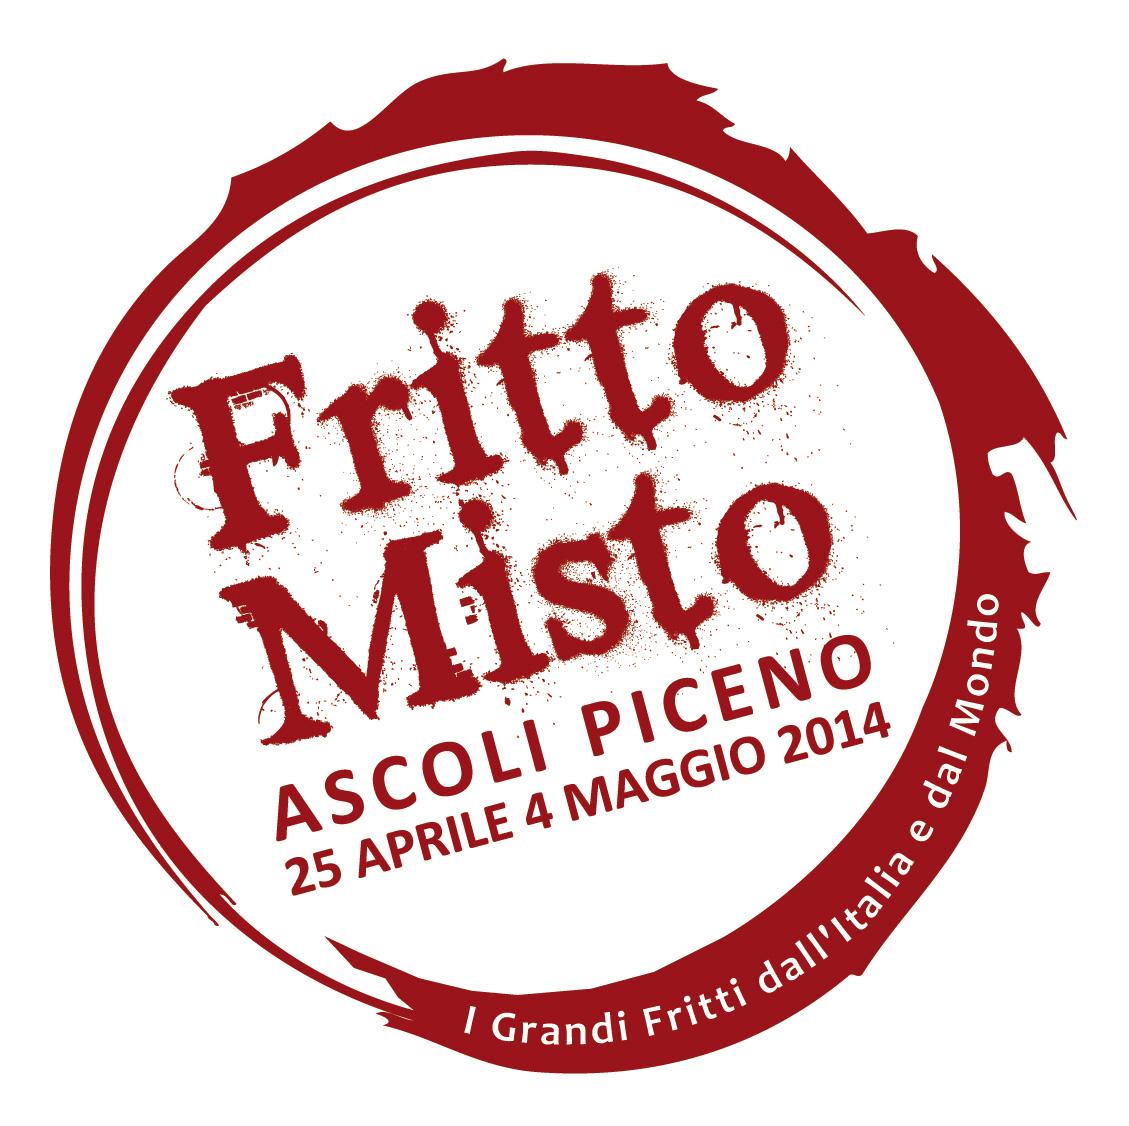 Fritto Misto torna ad Ascoli Piceno dal 25 Aprile al 4 Maggio con 10 in pastella! Fra le novità della decima ed izione, i Menù 10 e Lode! e un esclusivo Libro di Ricette